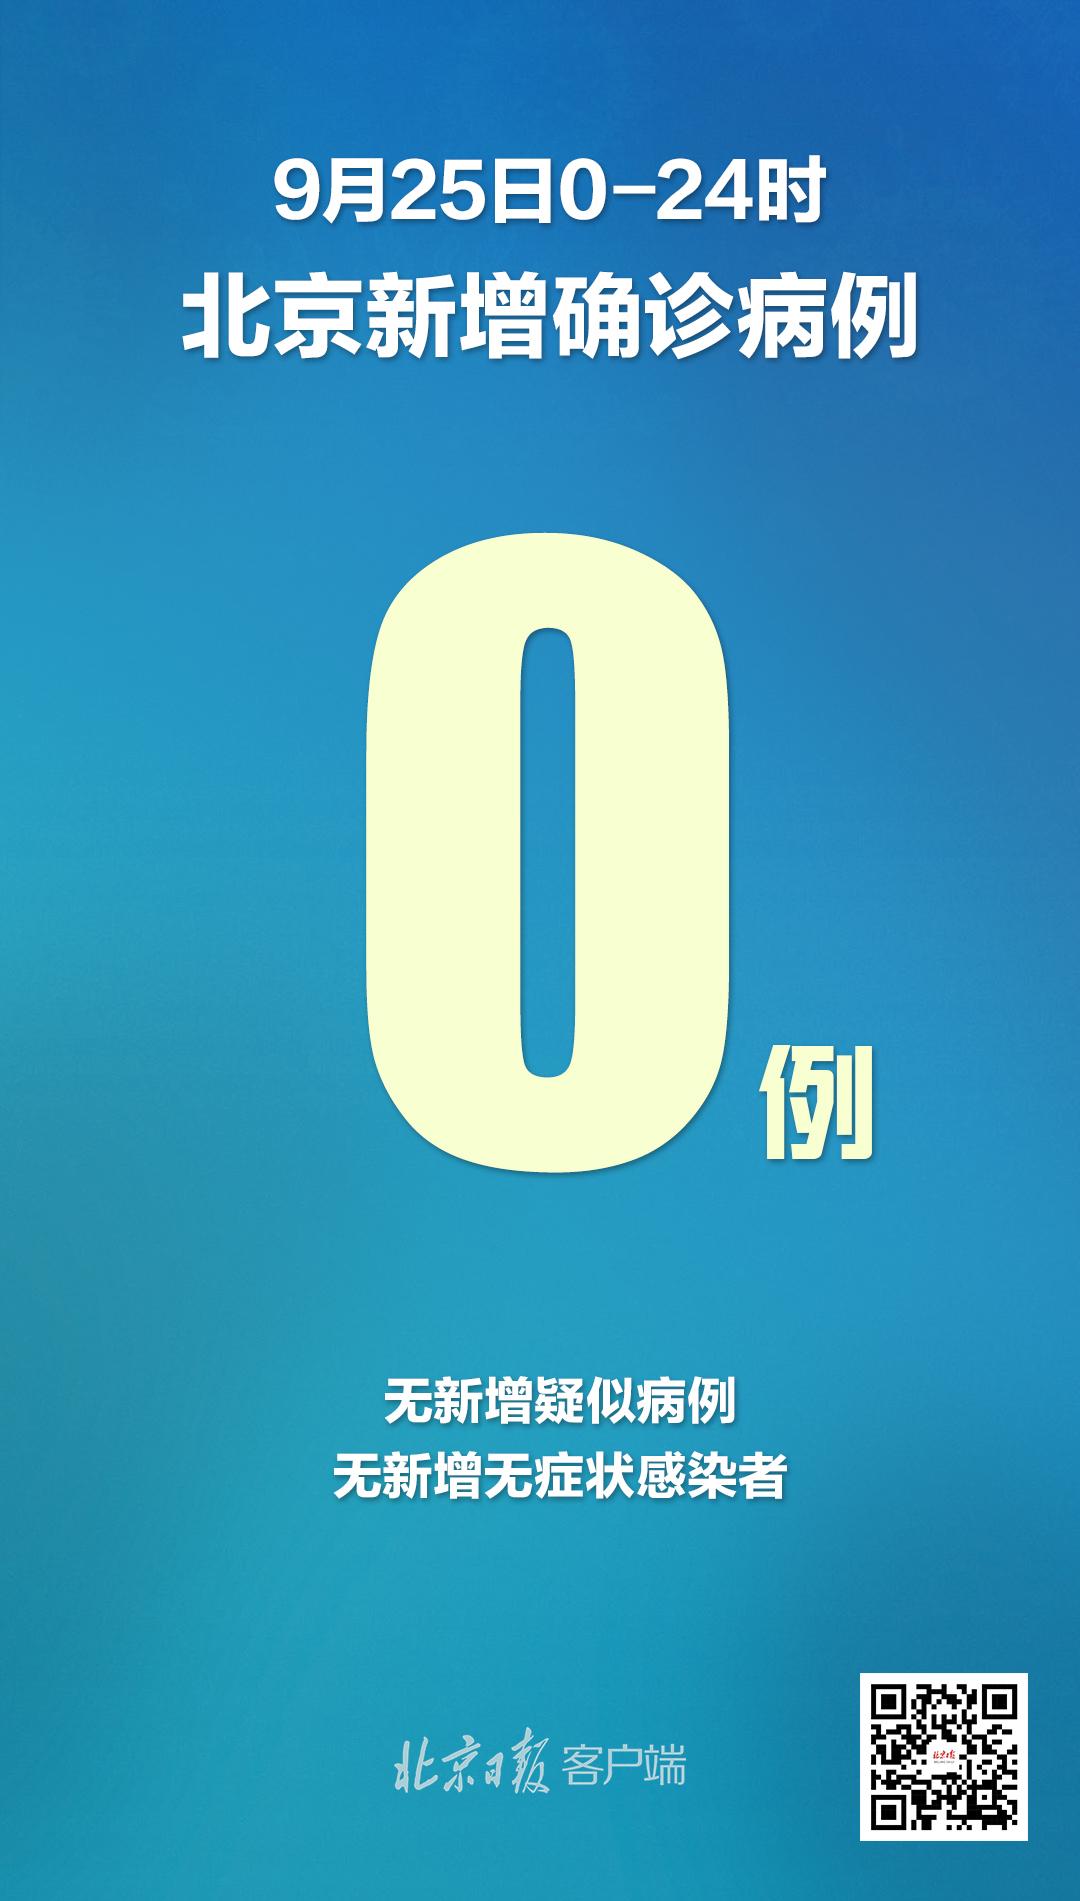 北京25日无新增报告新冠肺炎确诊病例